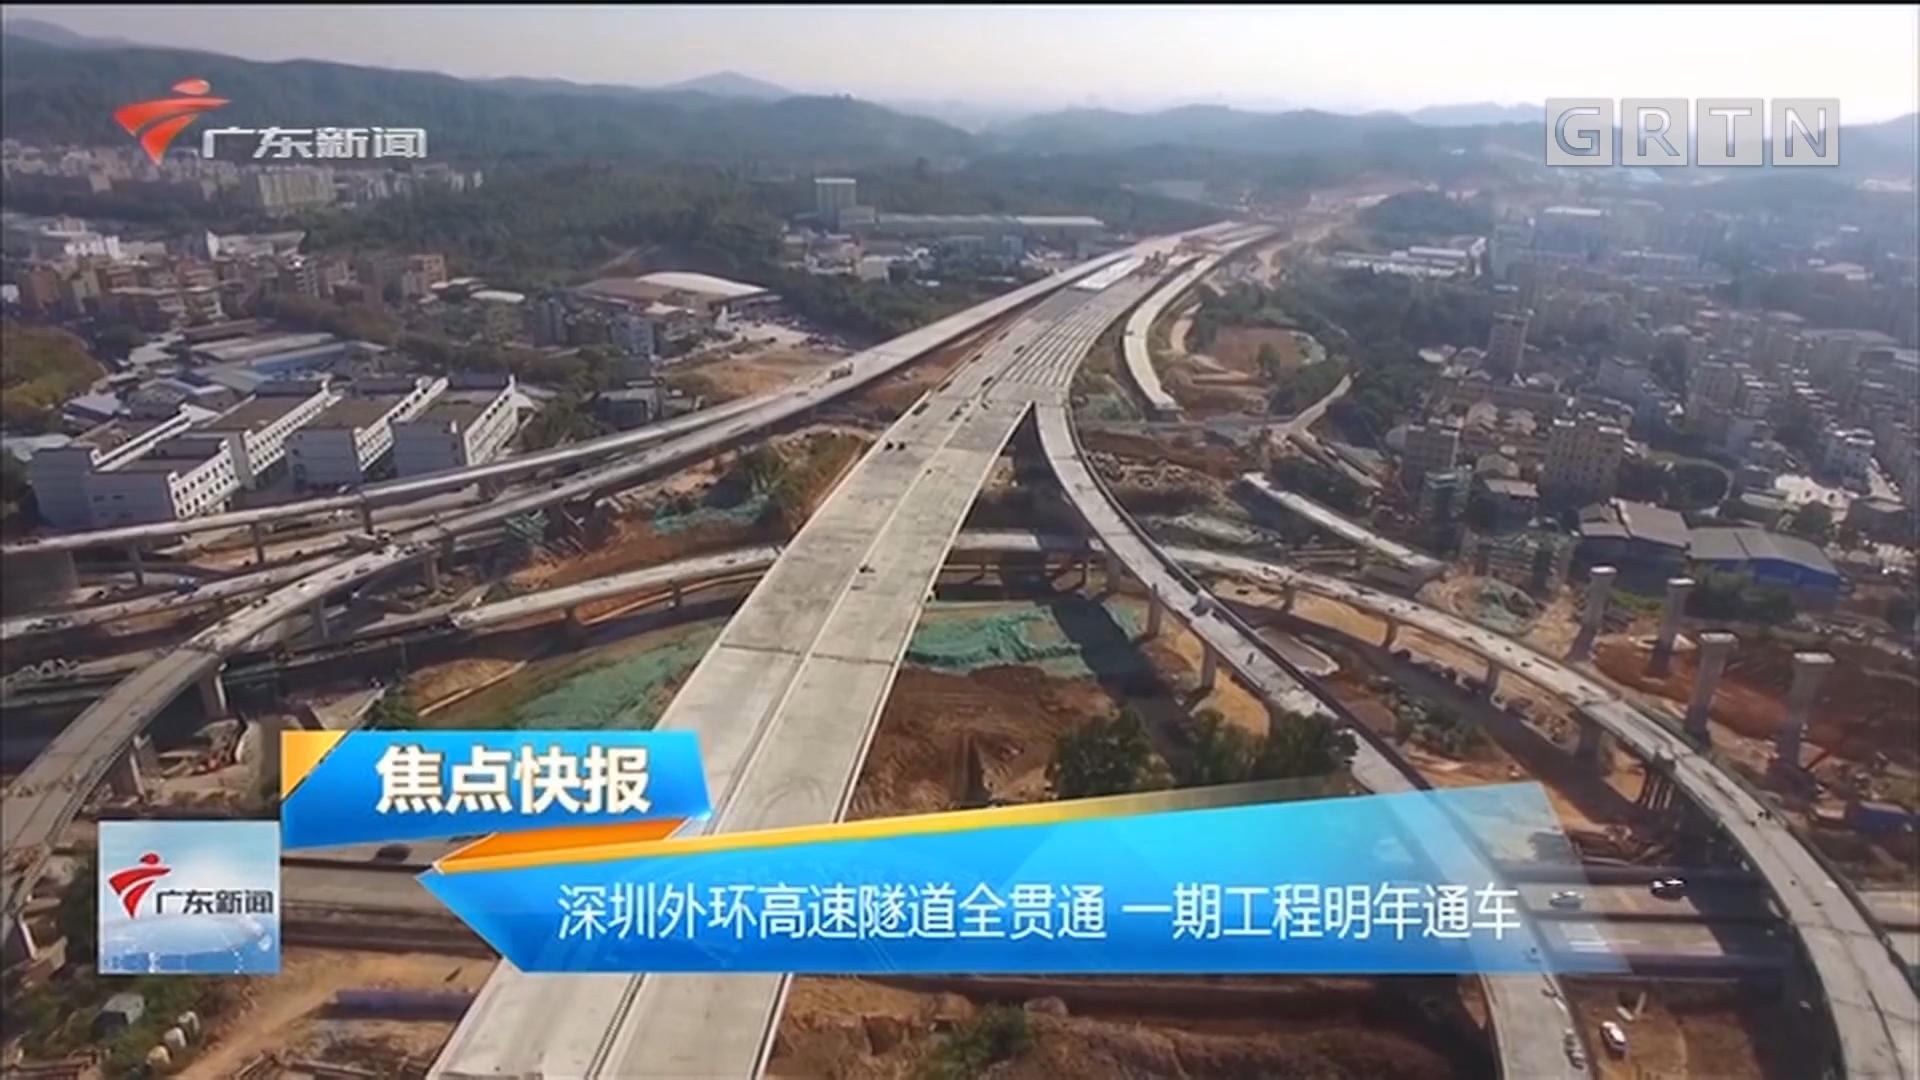 深圳外环高速隧道全贯通 一期工程明年通车